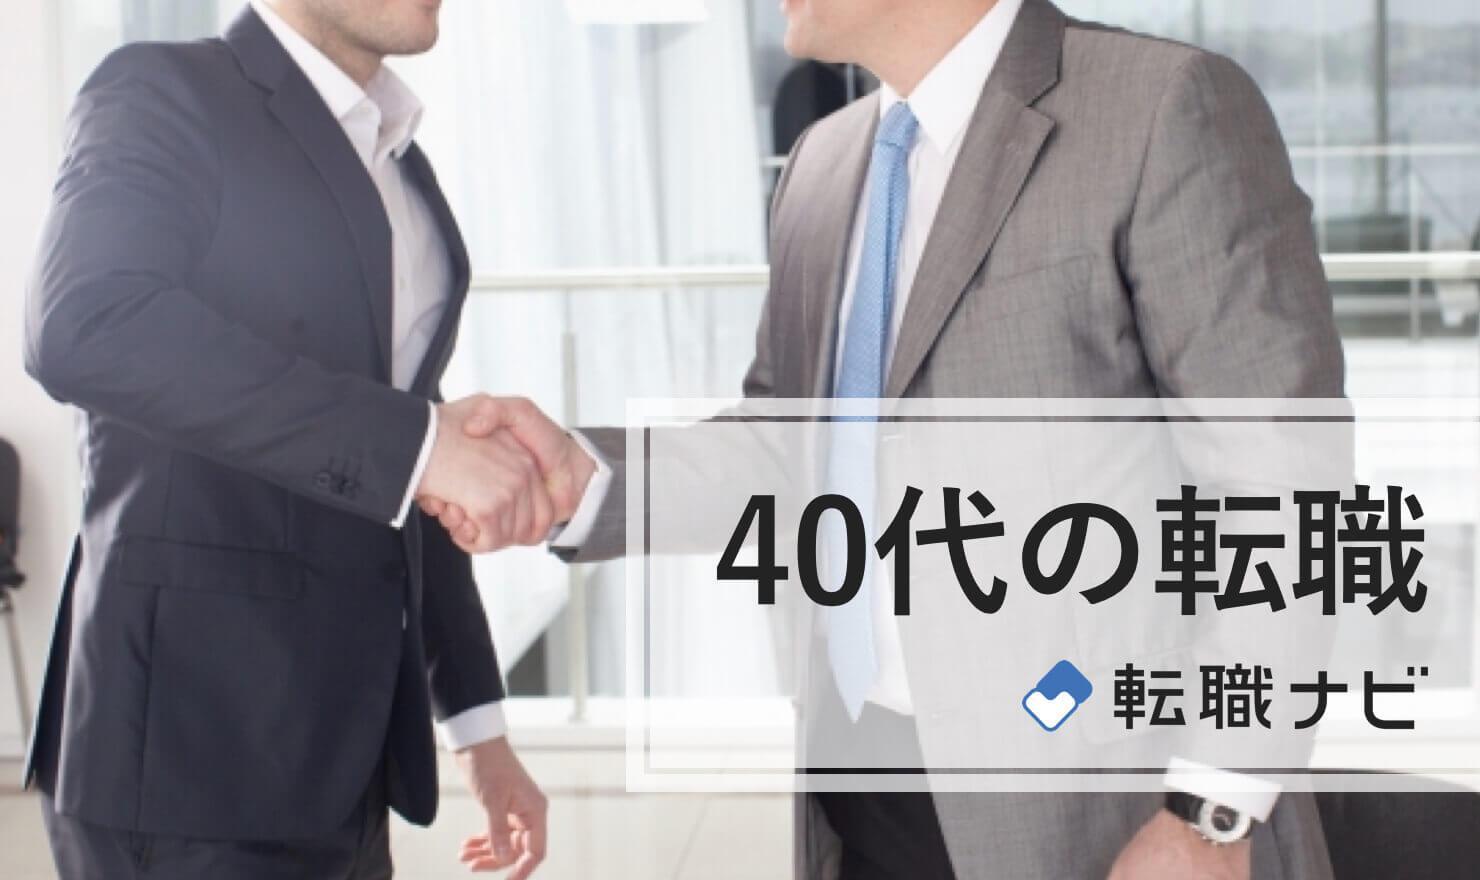 【40代は求められている!】転職のコツとオススメ求人をご紹介